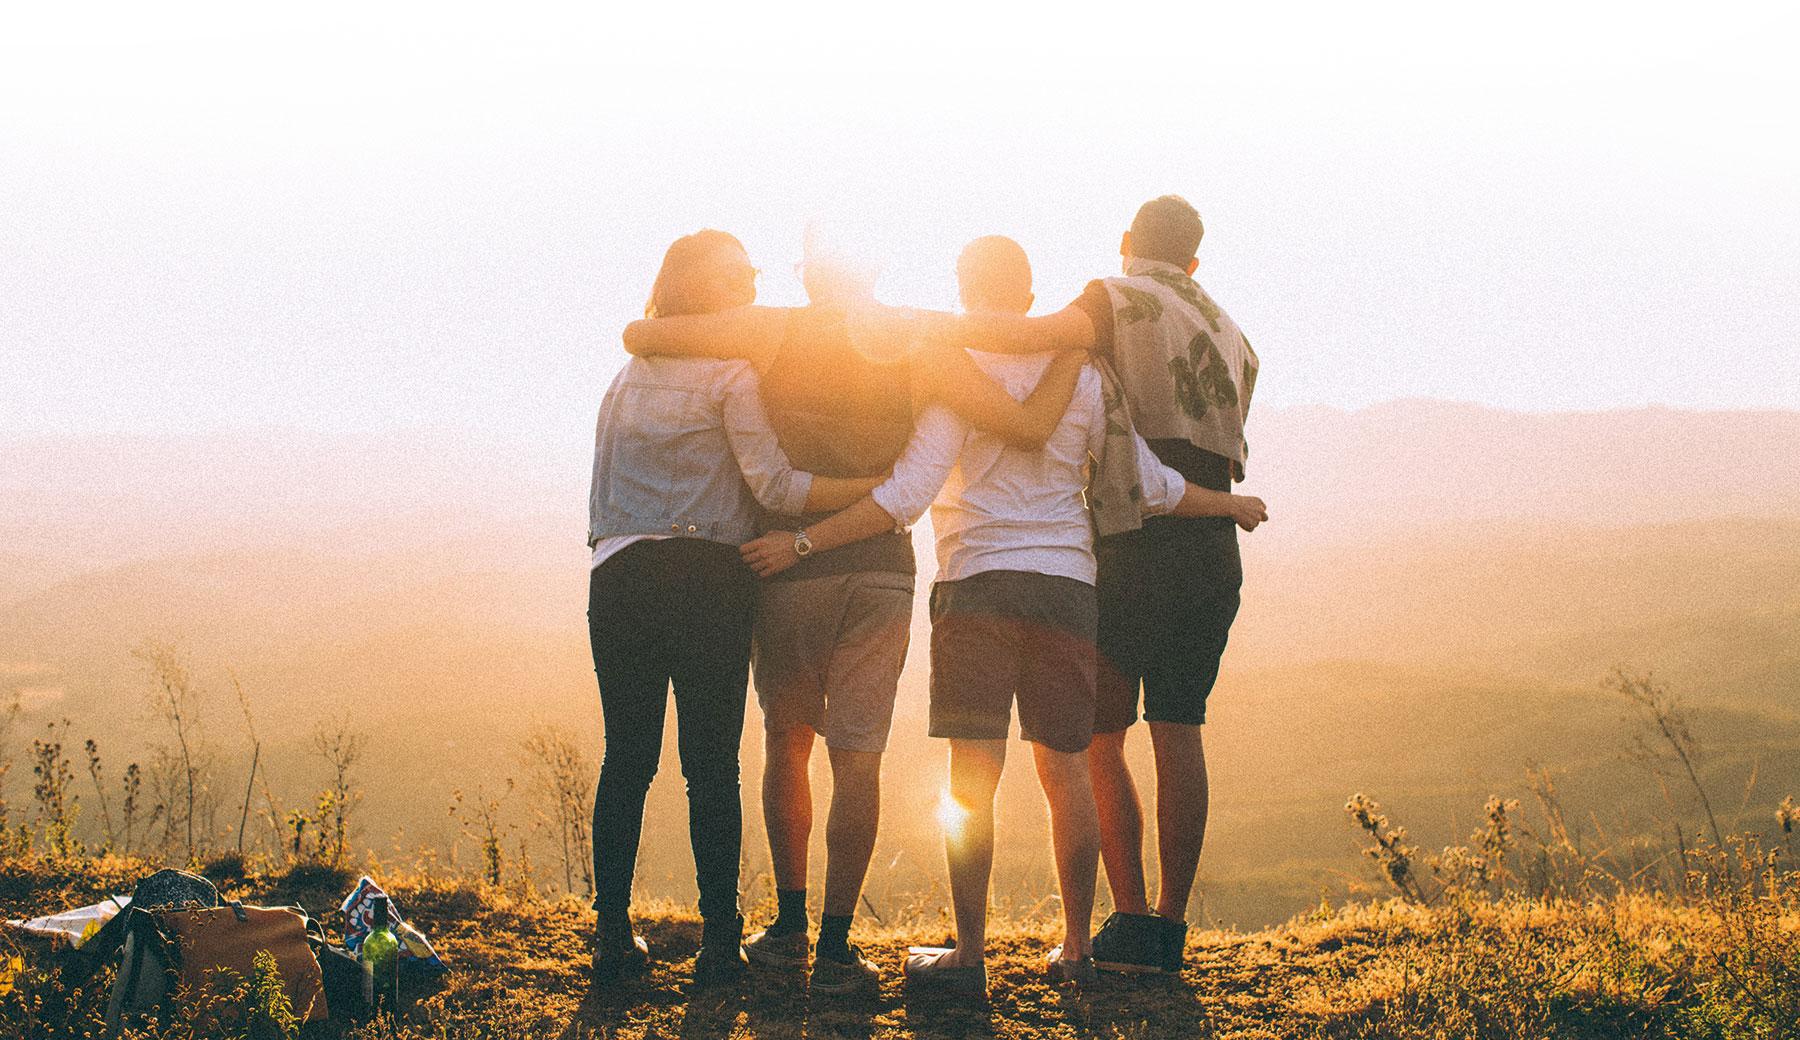 Junge Leute schauen in die Ferne und beobachten den Sonnenuntergang.